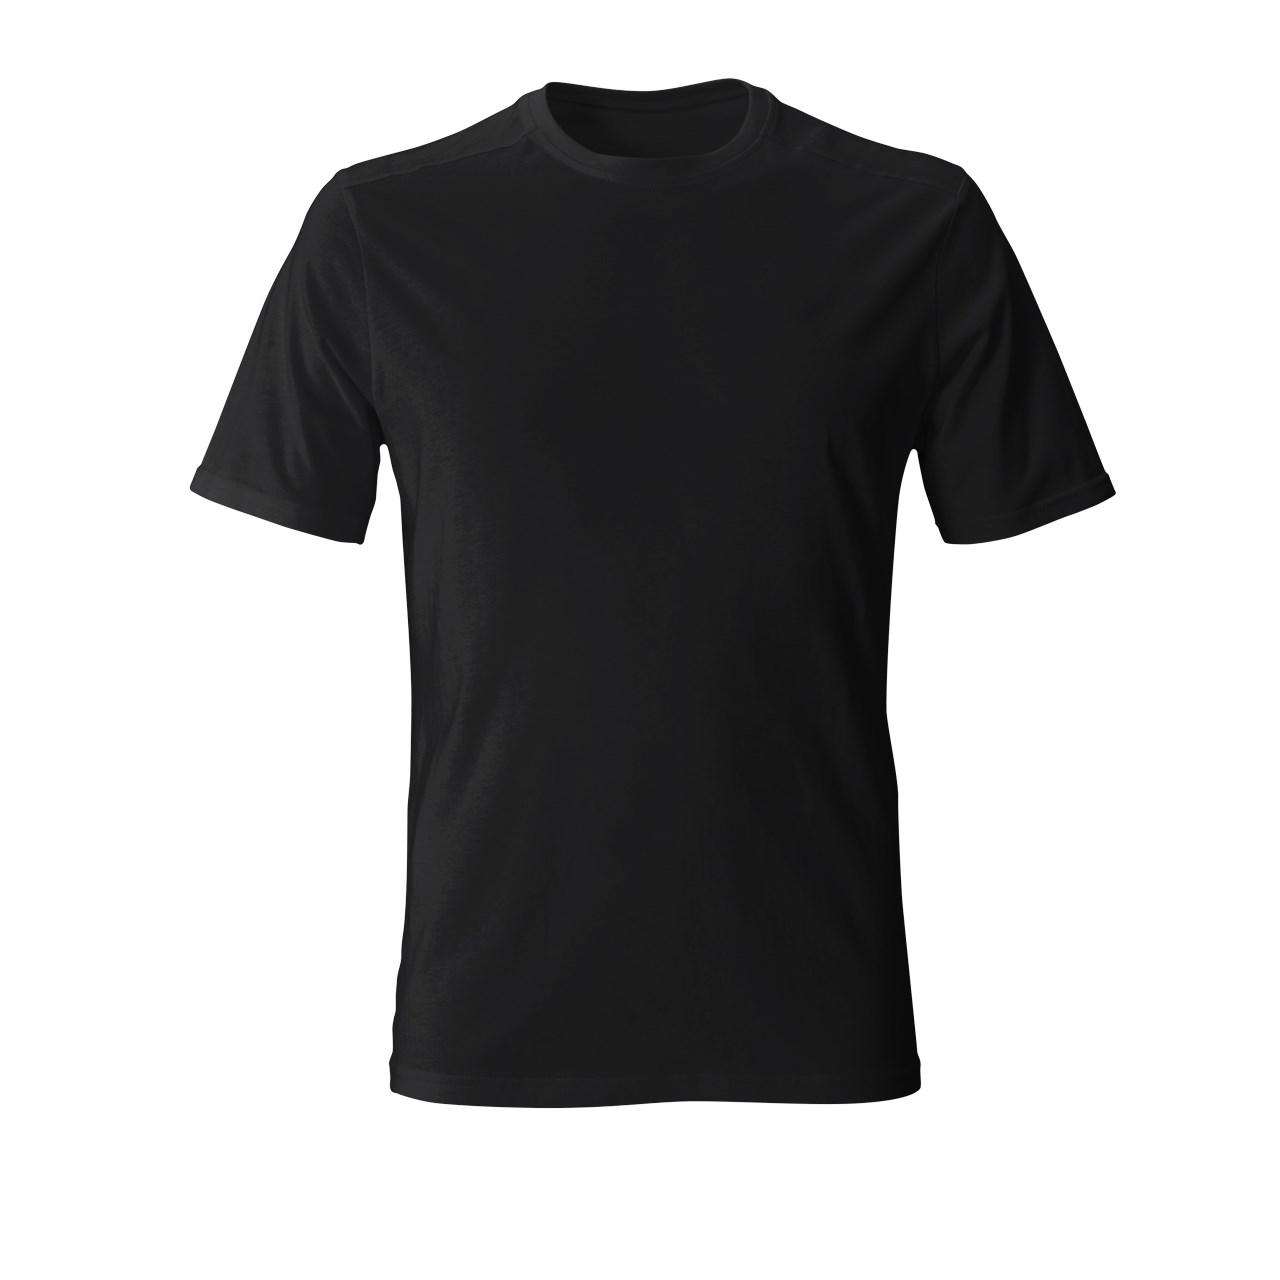 تی شرت مردانه کد 21